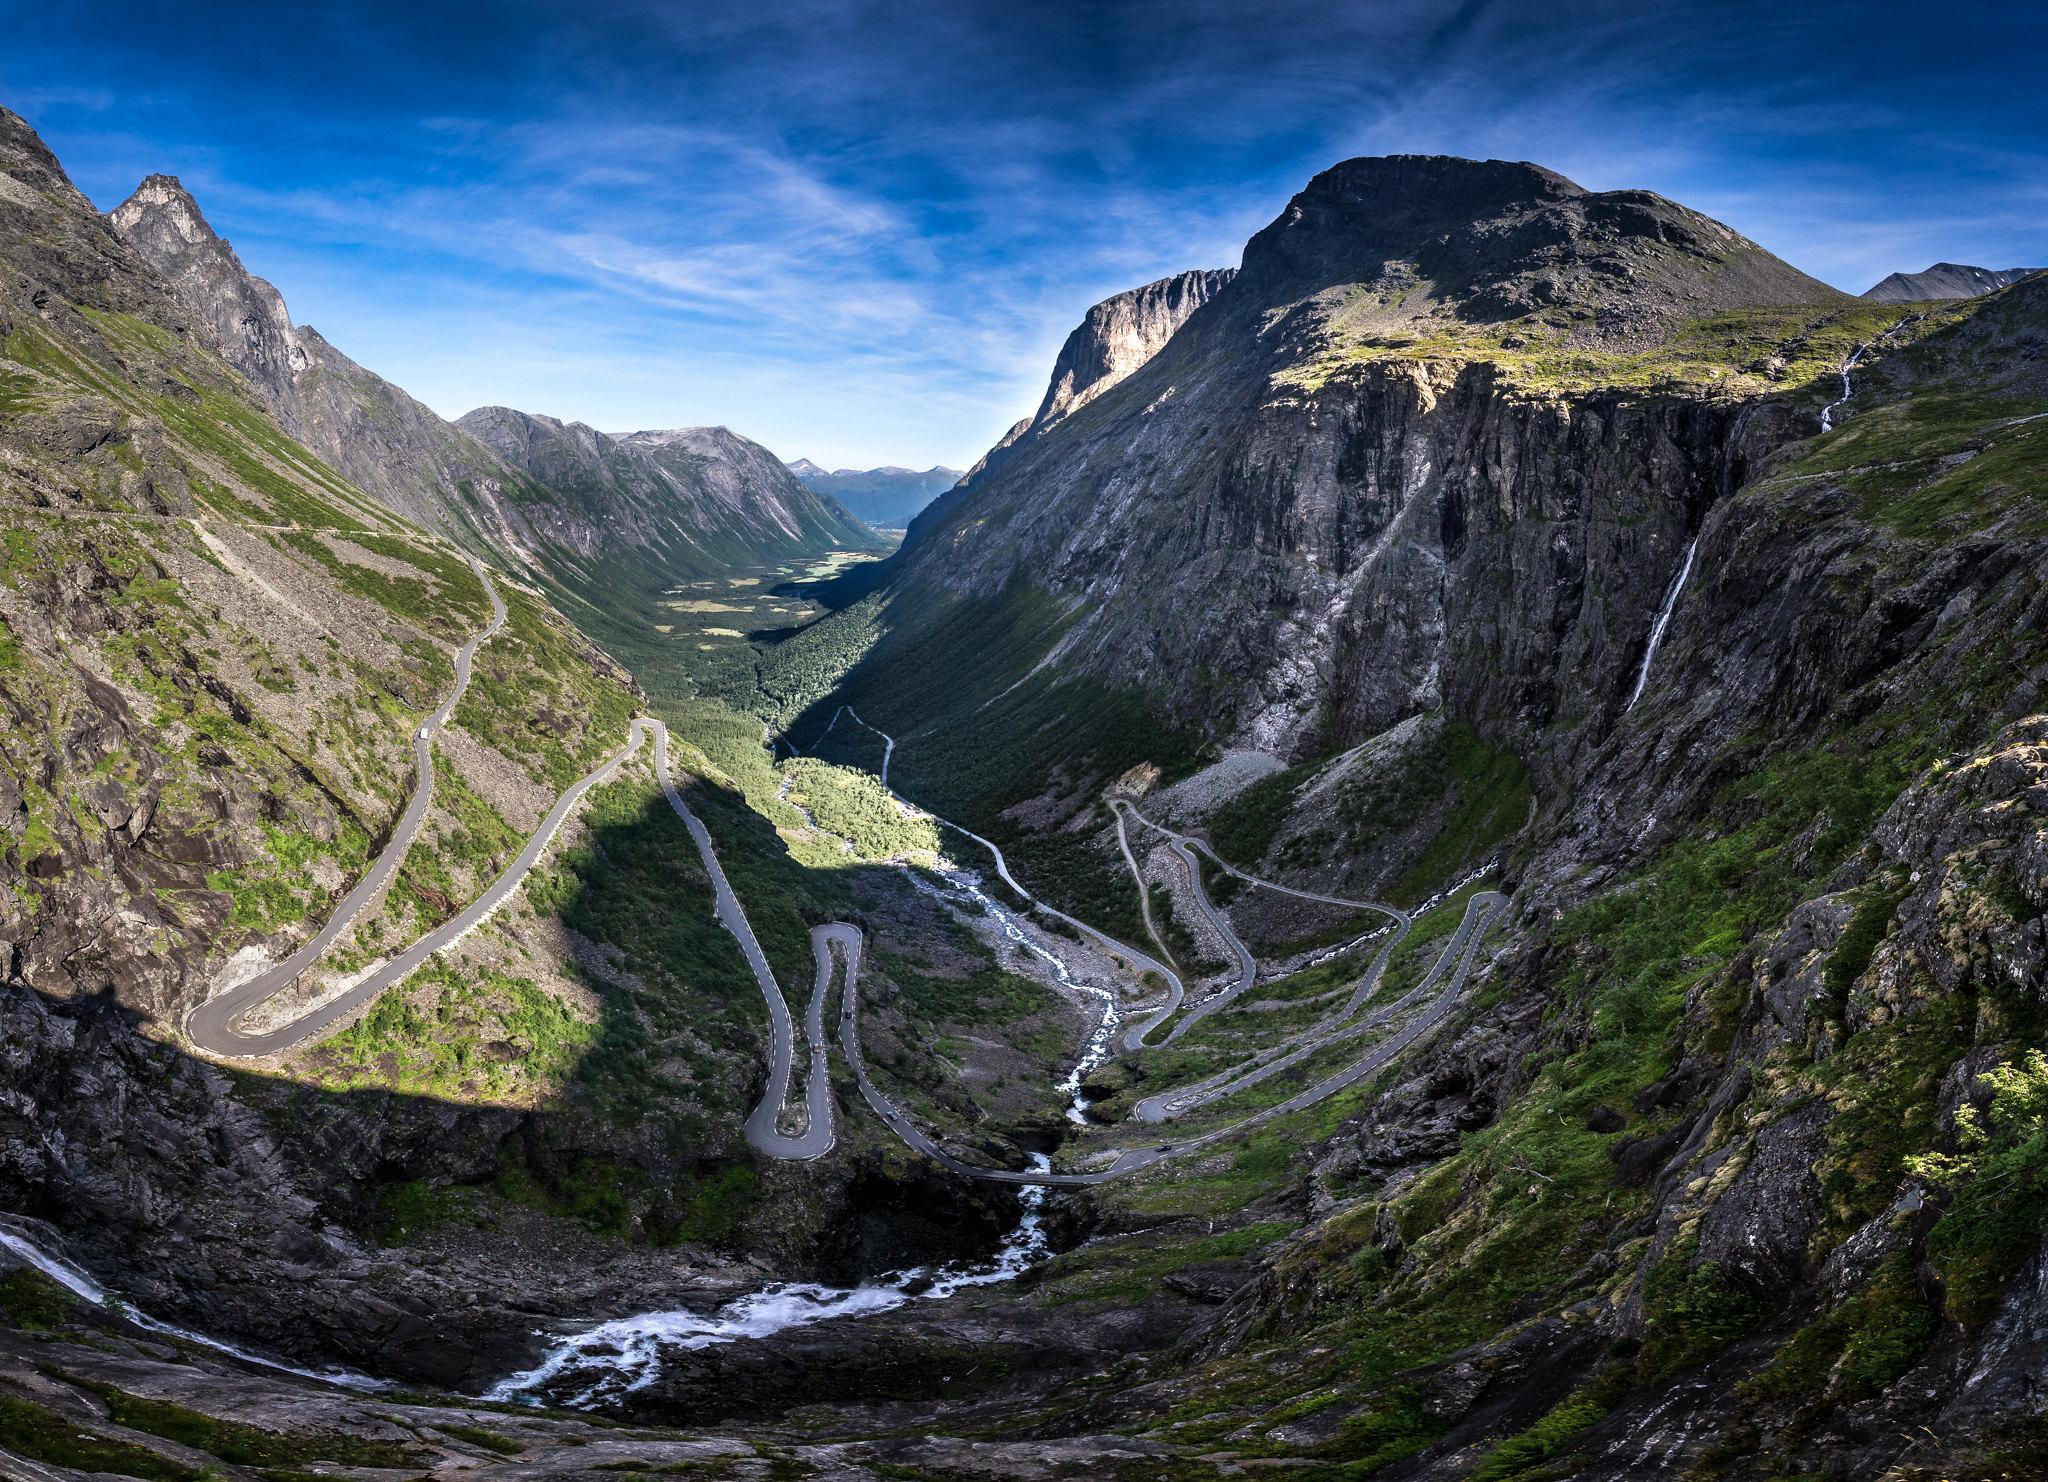 Vista de las 11 curvas cerradas de la Carretera de montaña del Trollstigen o escalera de Troll, desde su mirador